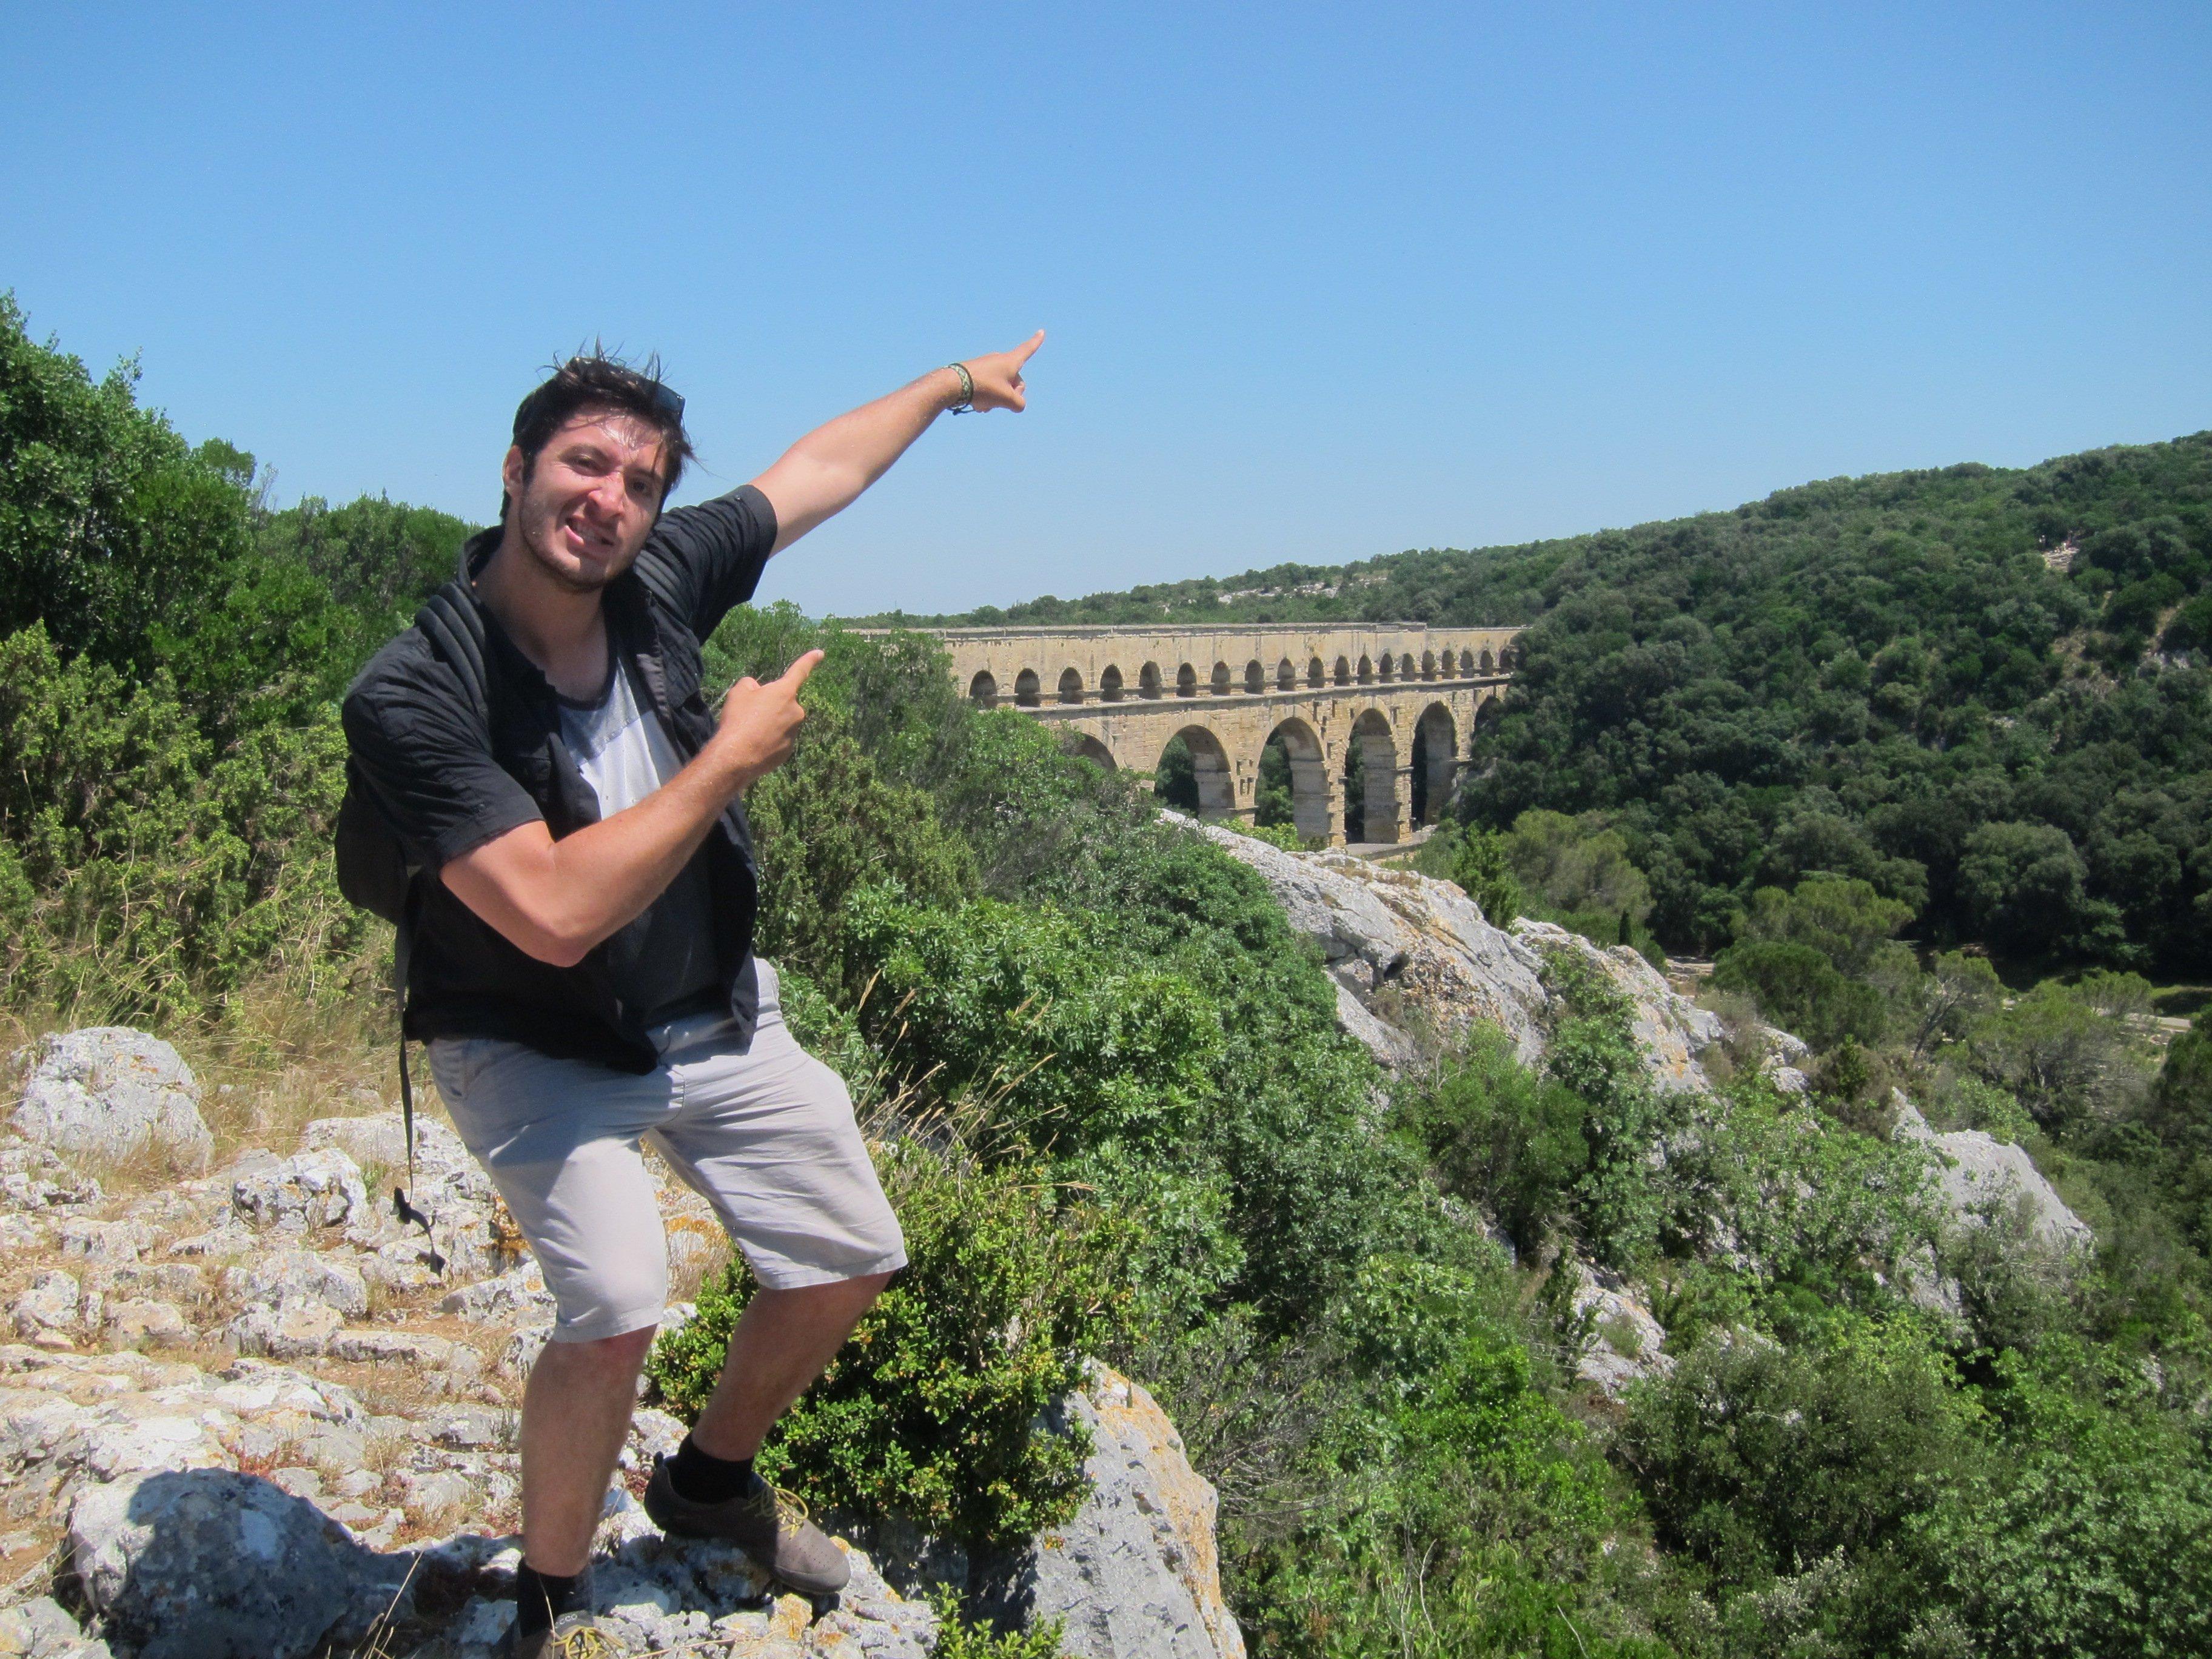 Directeur touristique qui pose devant le pont du Gard